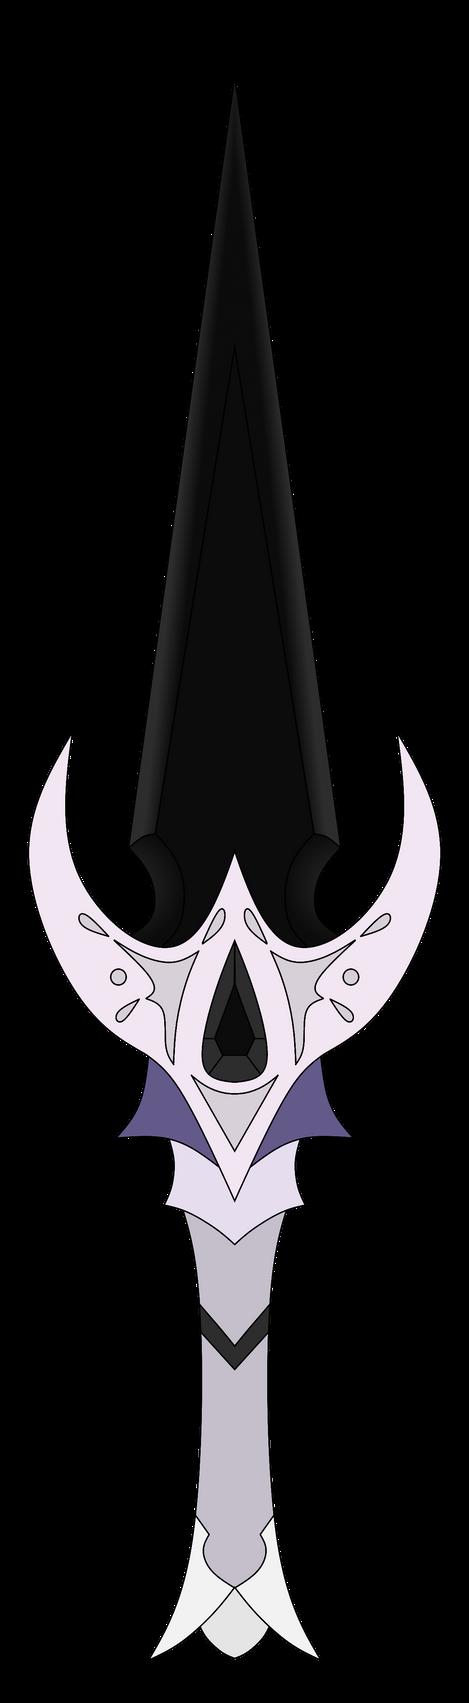 SugahFox's Onyx Dagger by NeonBlacklightTH